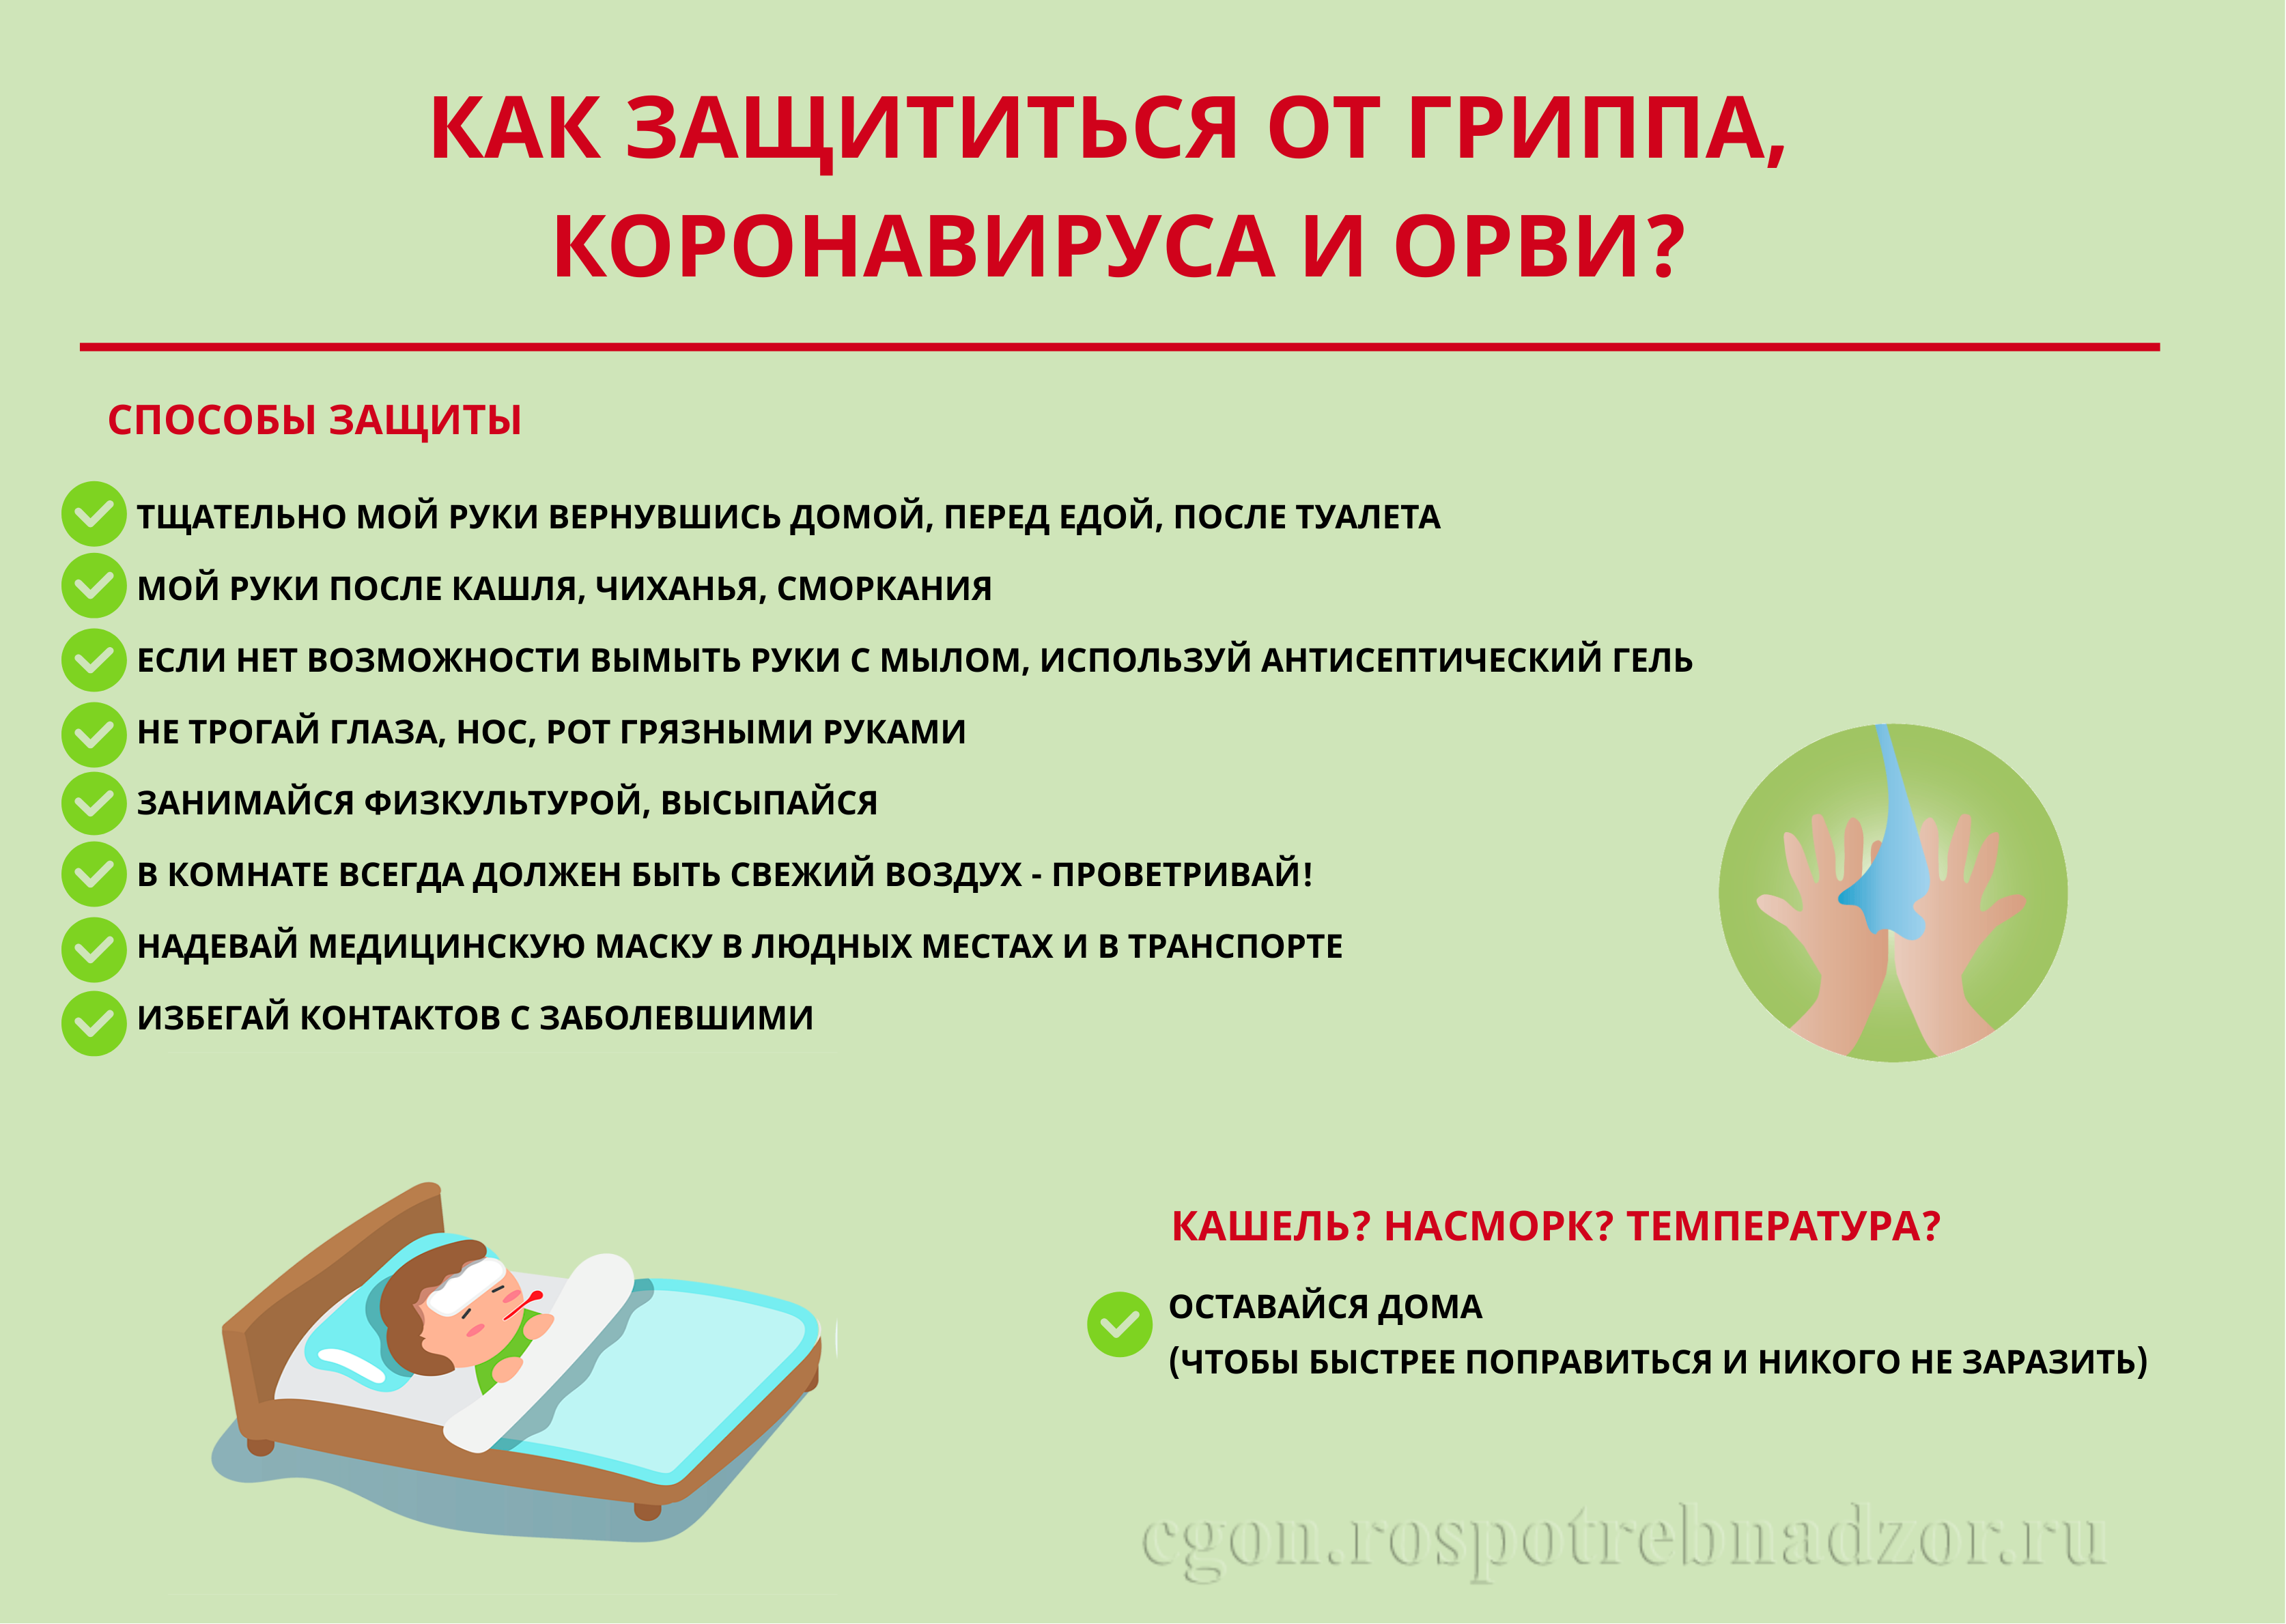 Профилактика гриппа и коронавирусной инфекций.